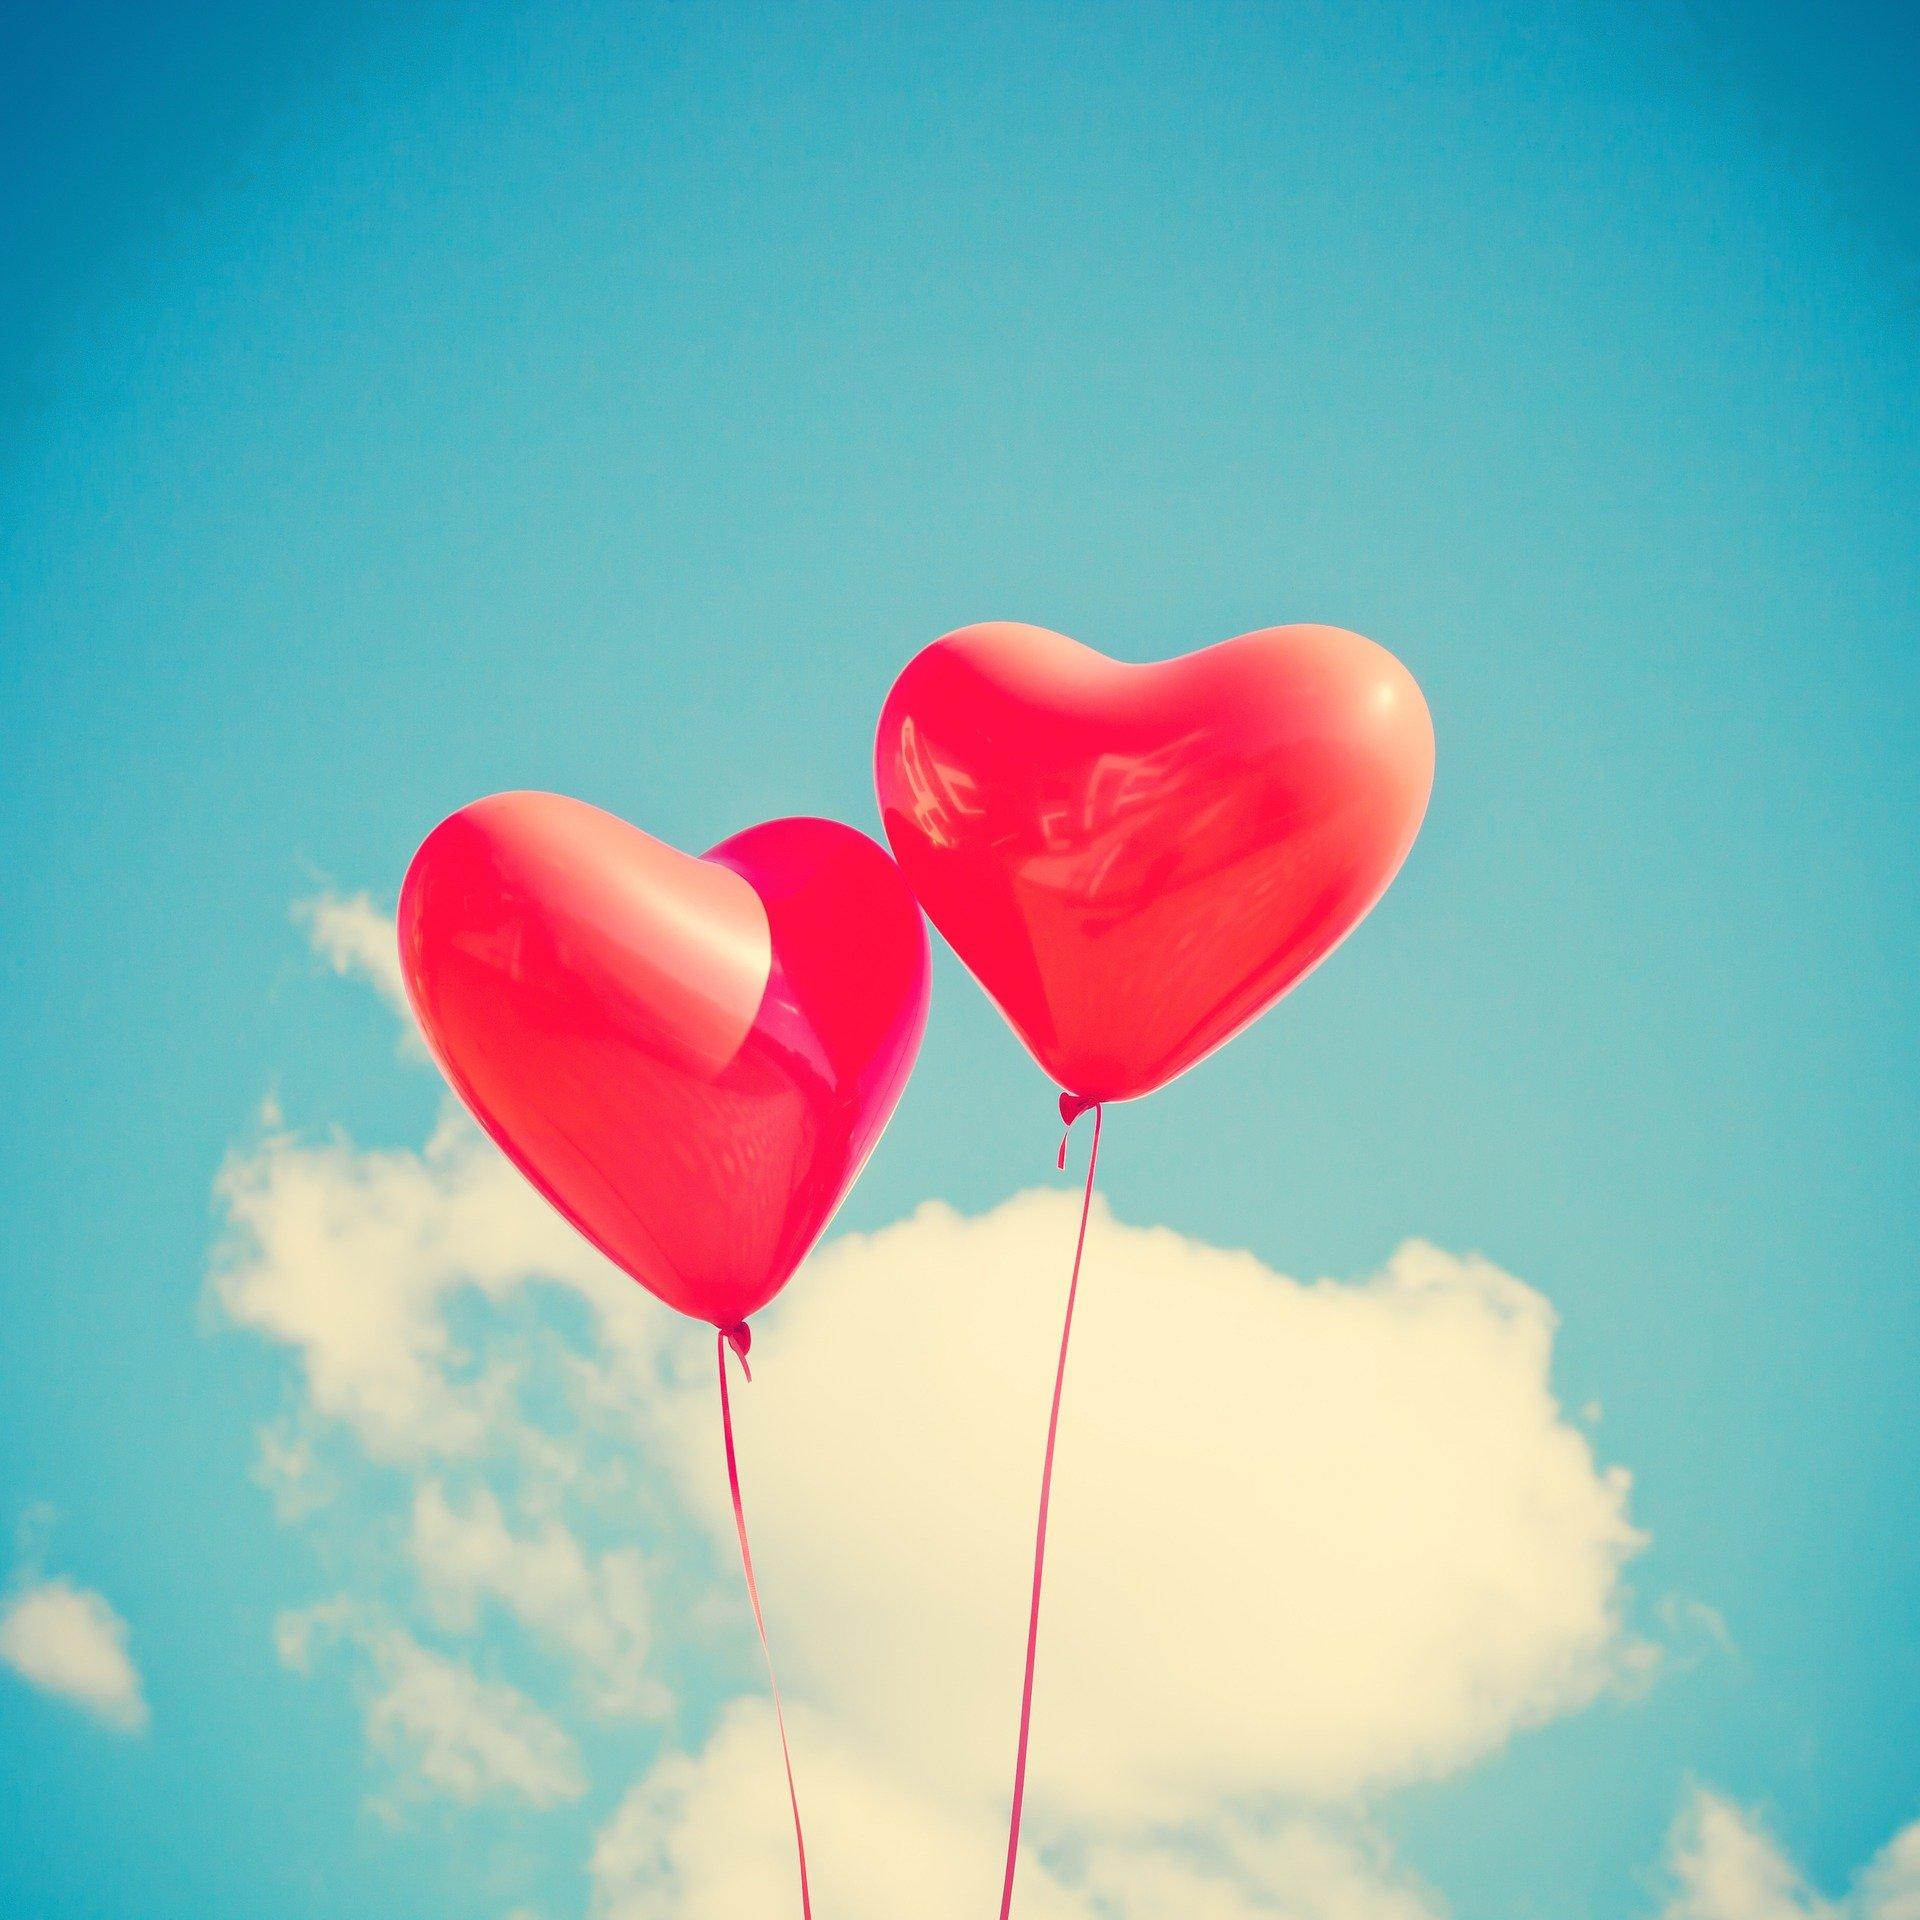 Der Weltherztag am 29. September – Herzgesundheit fördern und -krankheit bekämpfen!